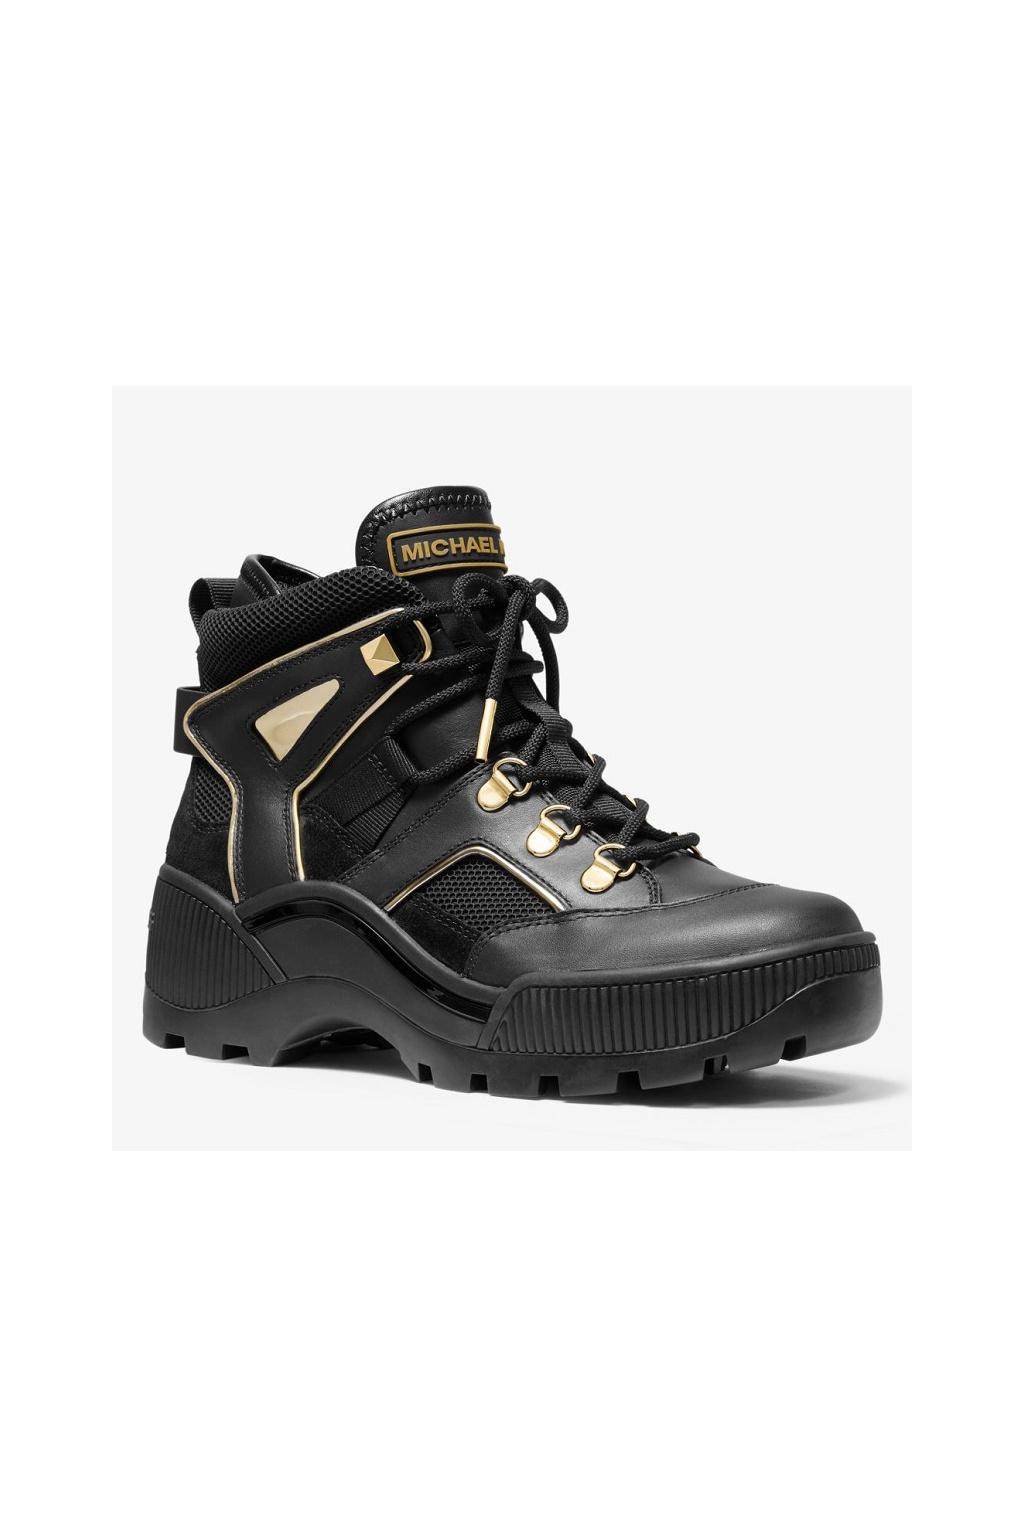 40F9BKFE3L Dámská obuv Michael Kors Brooke Metallic Leather Scuba černá